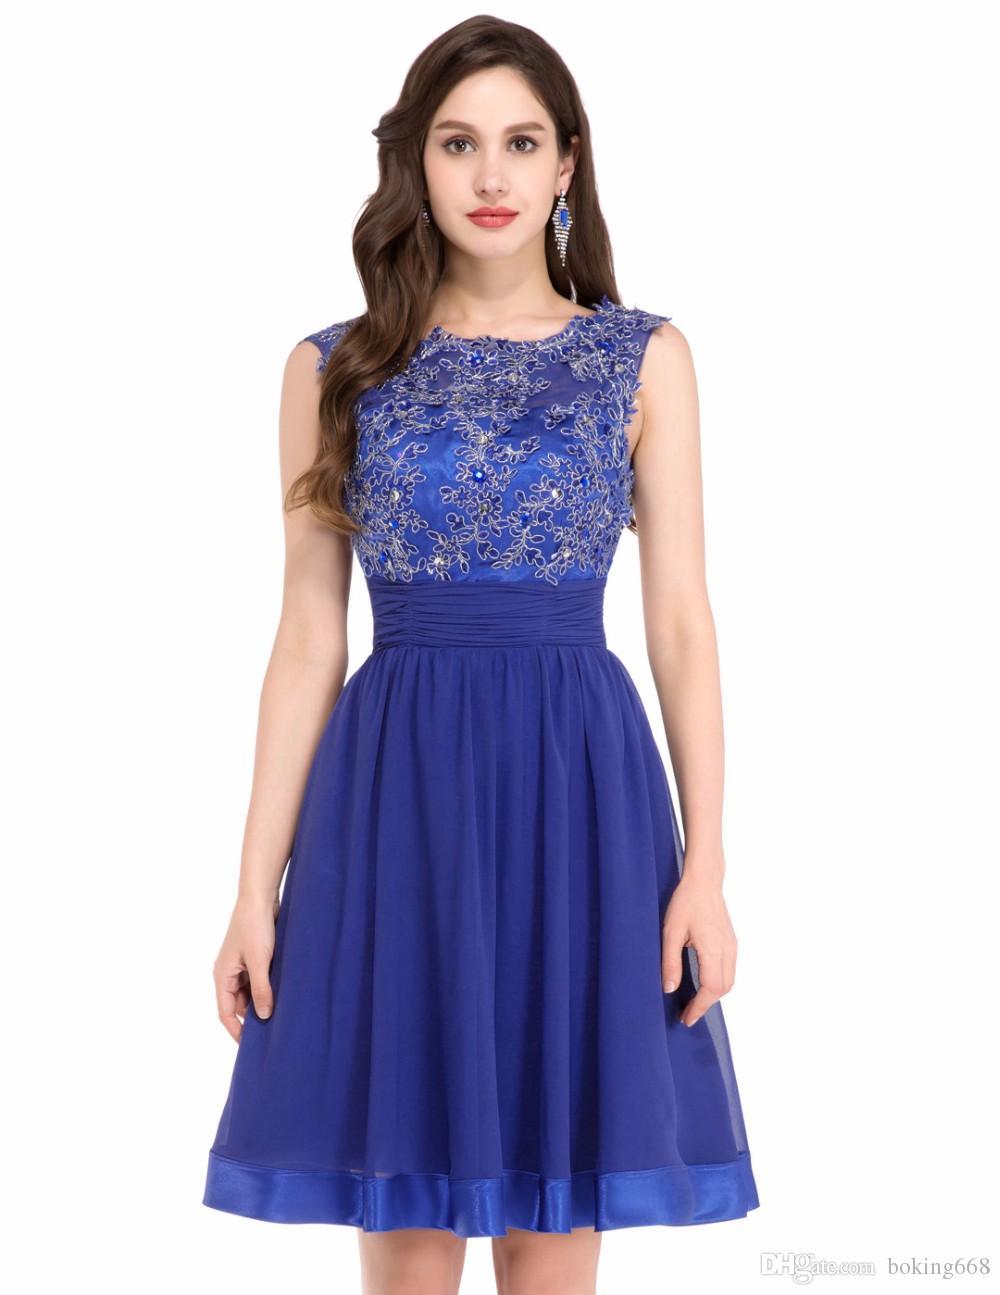 9e01dbd3c Vestido De Renda Sem Mangas Azul Marinho Vestidos De Baile Vestidos Curtos  2019 Oco De Volta Projeto Rendas Ocasião Especial Vestido Azul Jóia Vestido  De ...